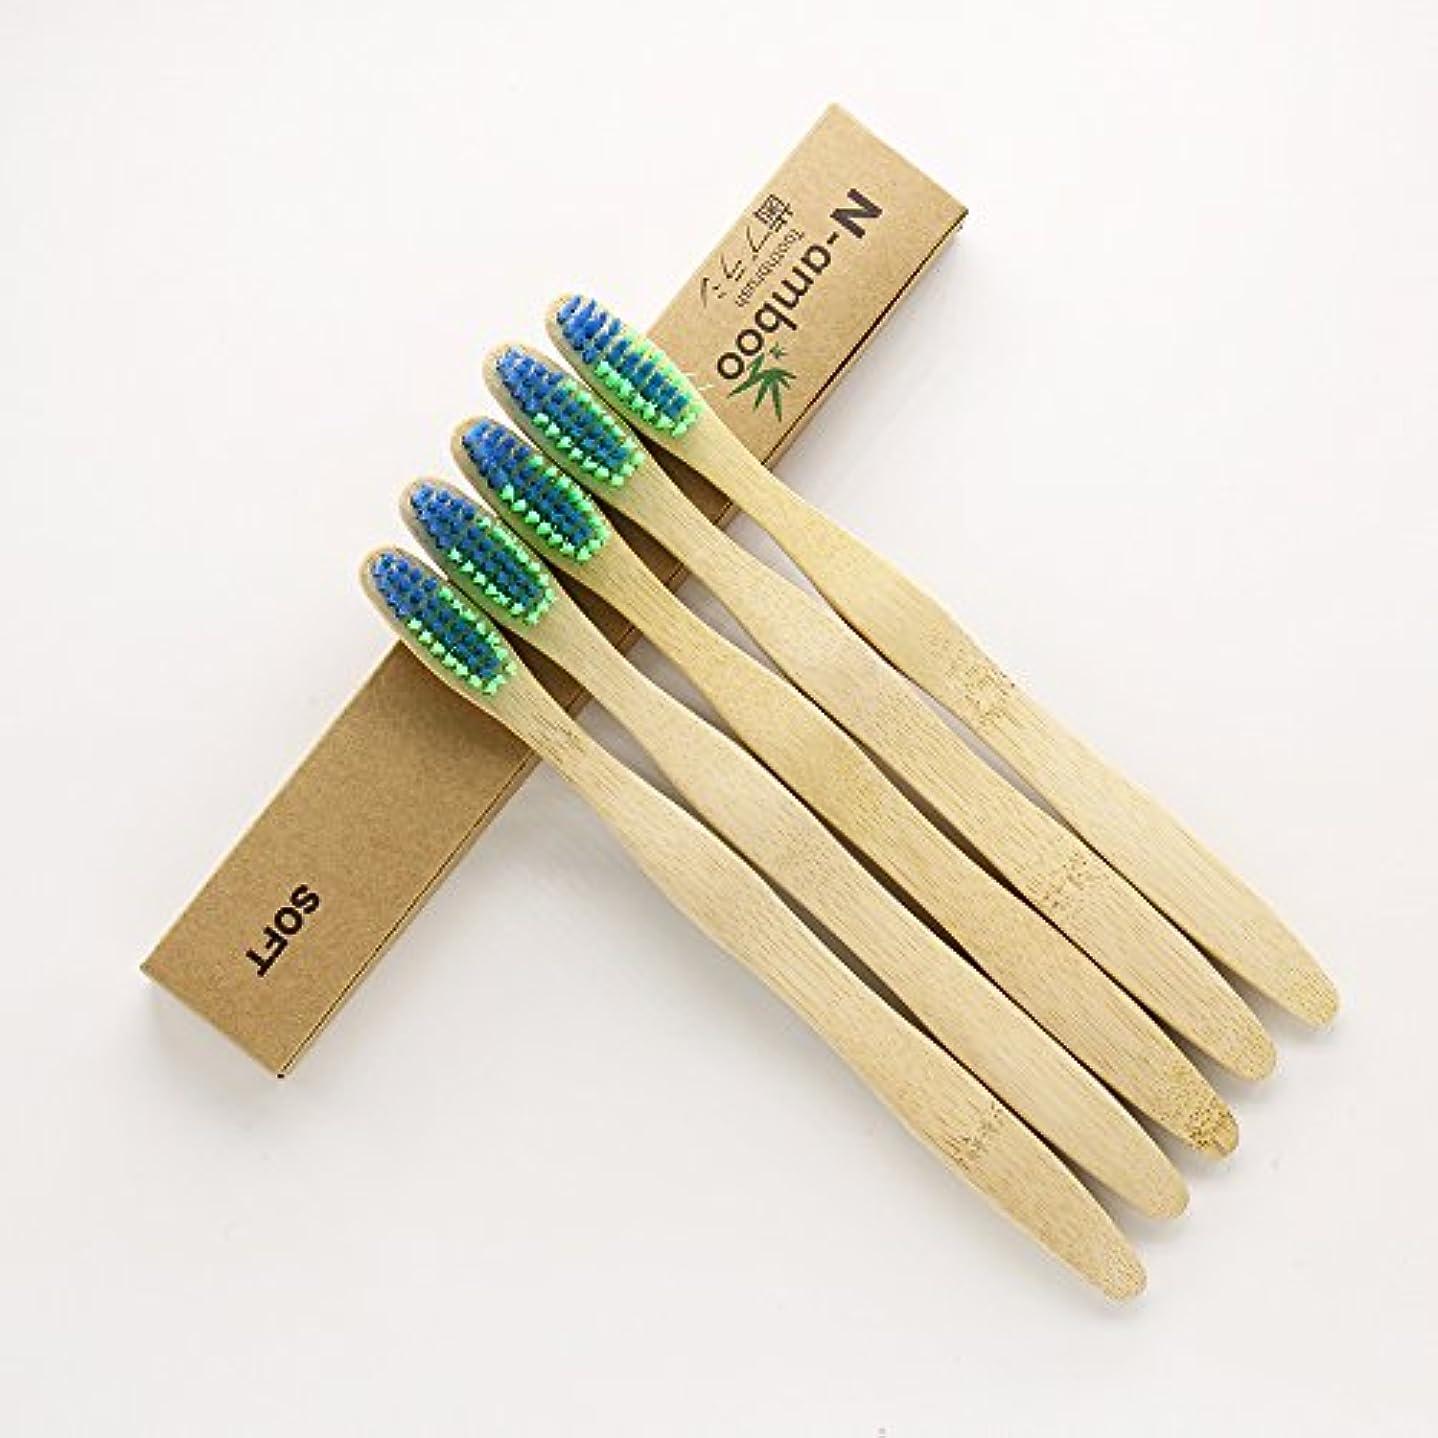 ライブルーフ肺N-amboo 竹製耐久度高い 歯ブラシ 青と緑色 5本入り セット